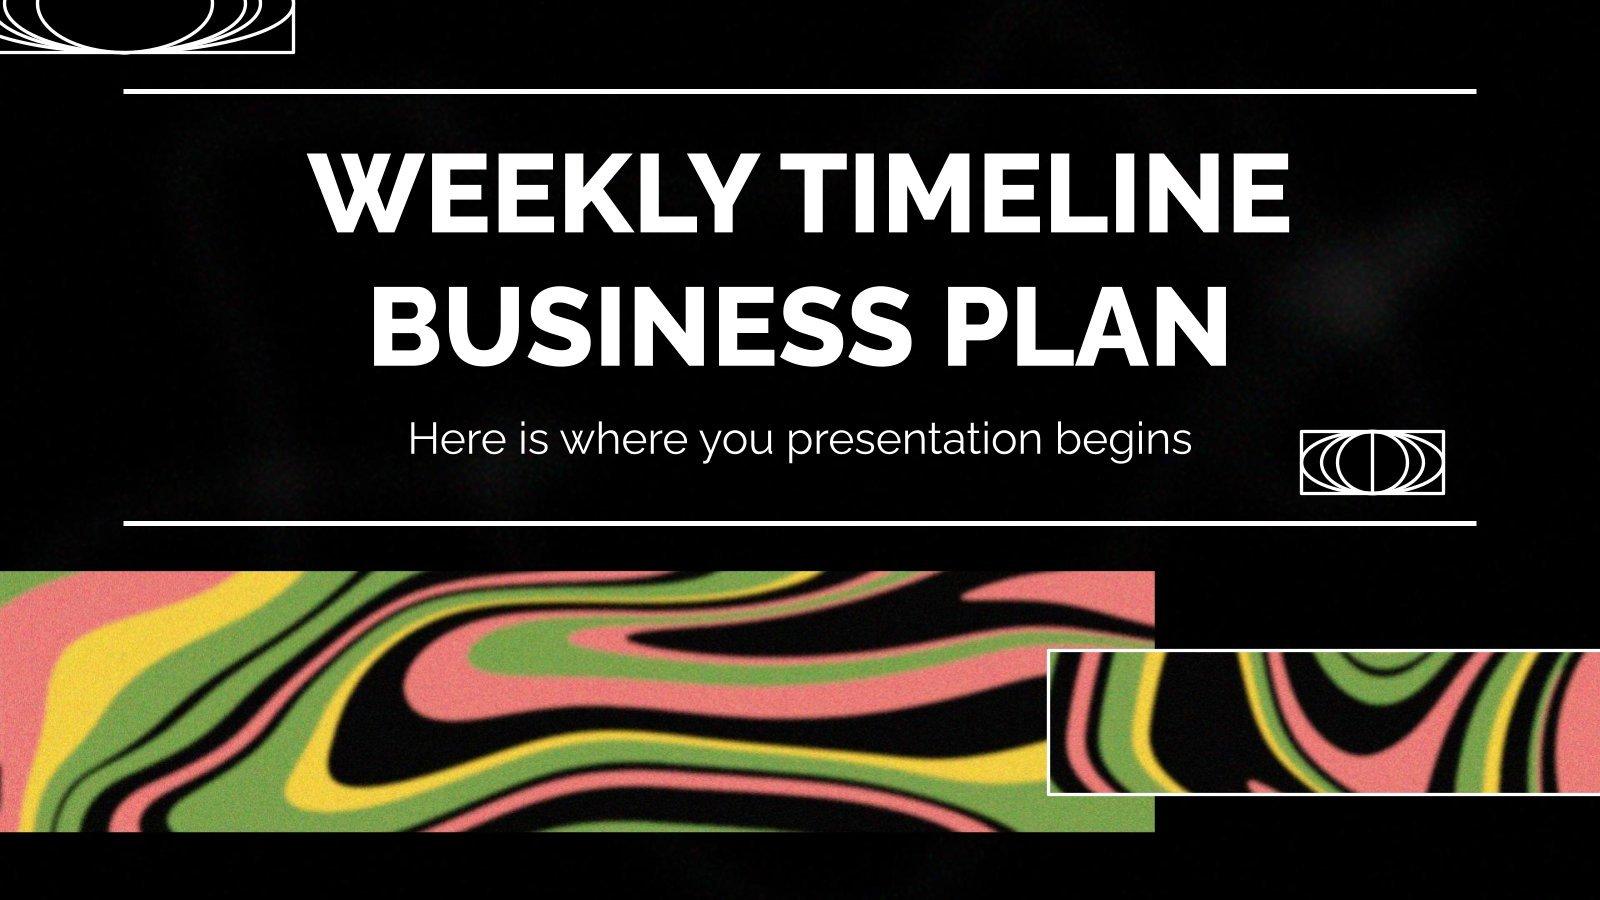 Modelo de apresentação Plano de negócios semanal